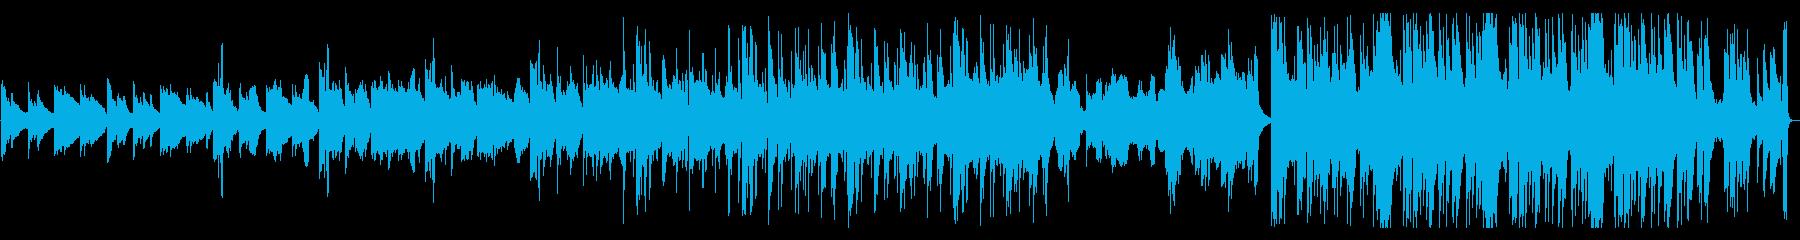 生演奏アコギ・エレクトロニカ・癒しの再生済みの波形